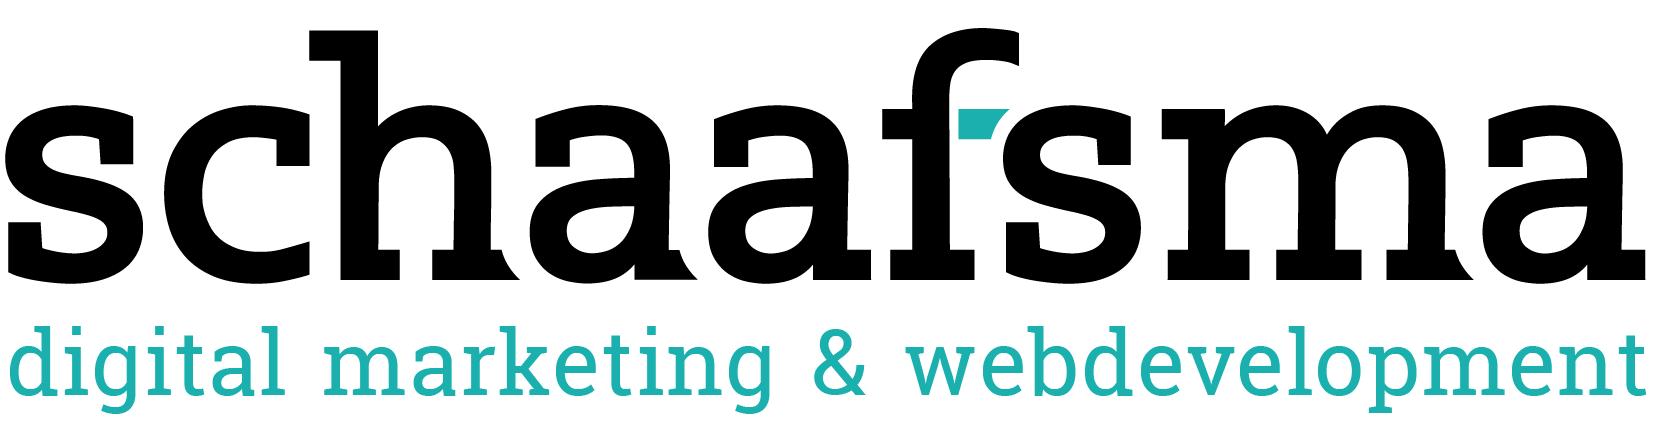 Schaafsma Digital Marketing & Webdevelopment